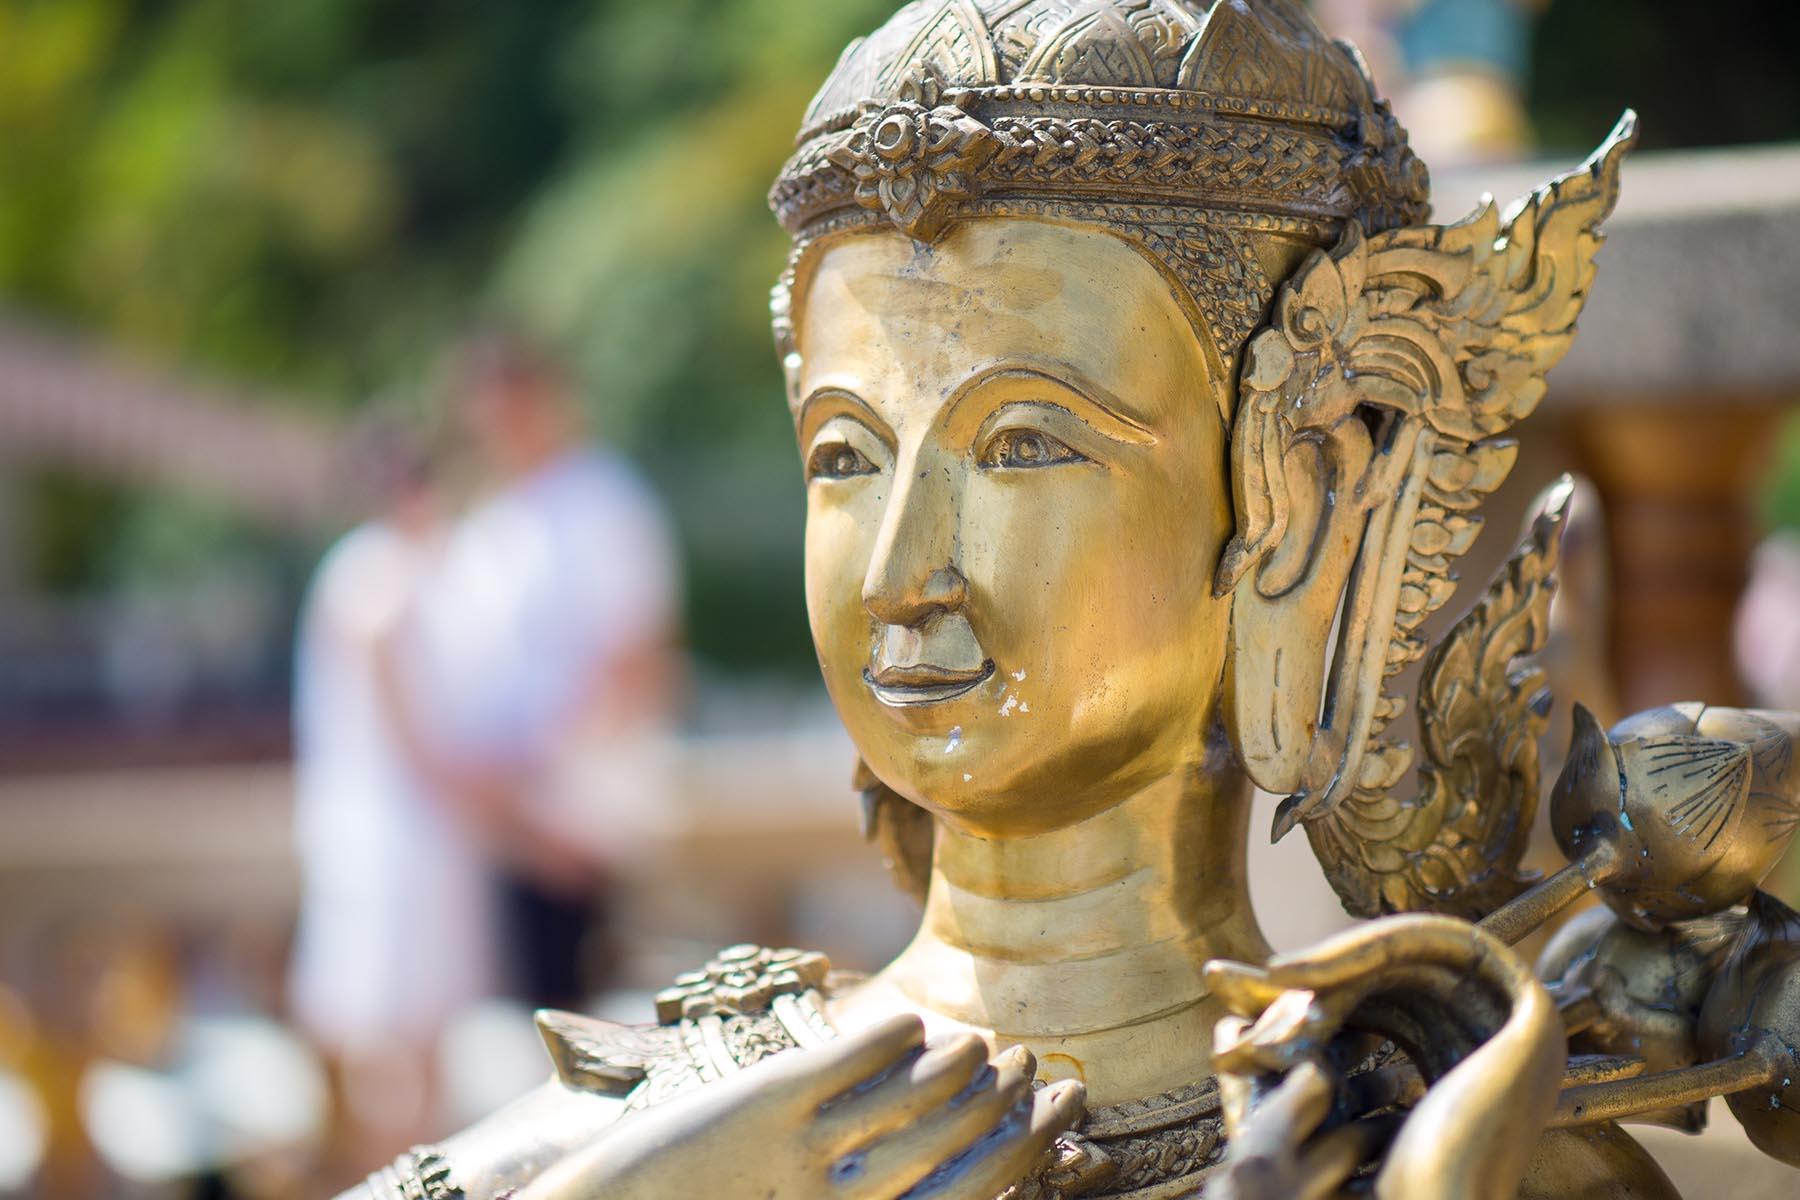 Verhaltensregeln in Thailand. in Abbildung Buddha Statue im Tempel